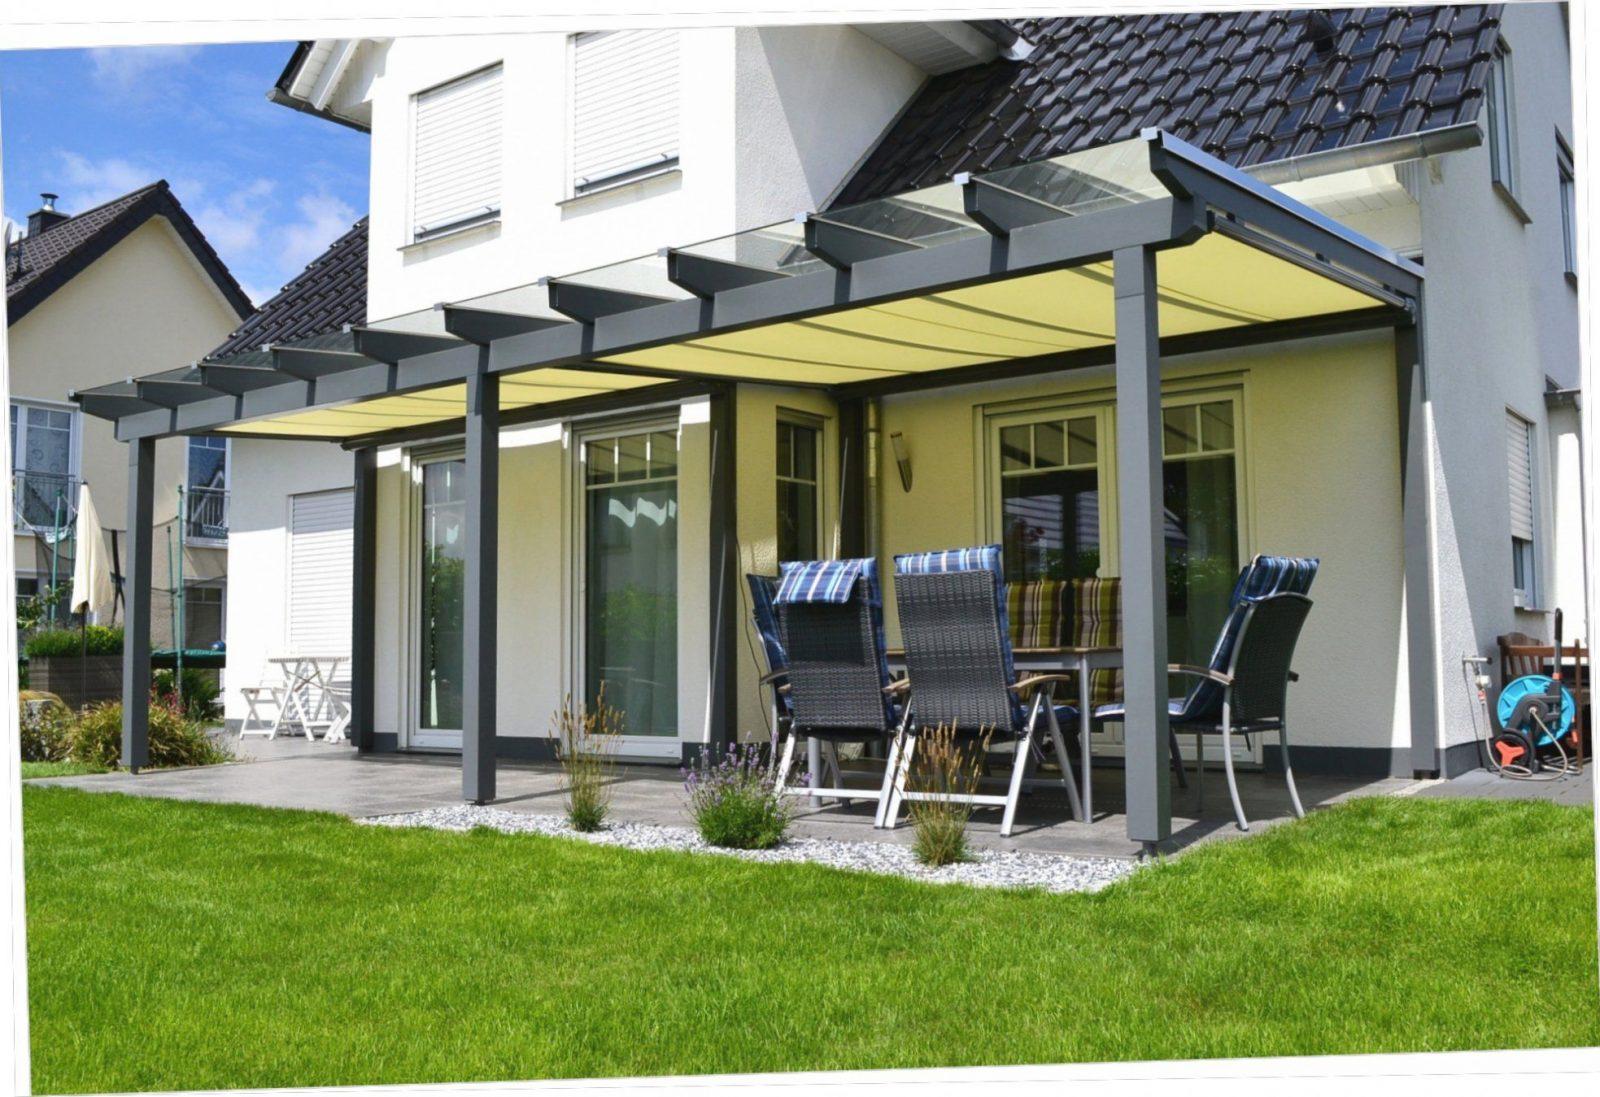 wintergarten wintergarten erstaunlich luxus wintergarten. Black Bedroom Furniture Sets. Home Design Ideas